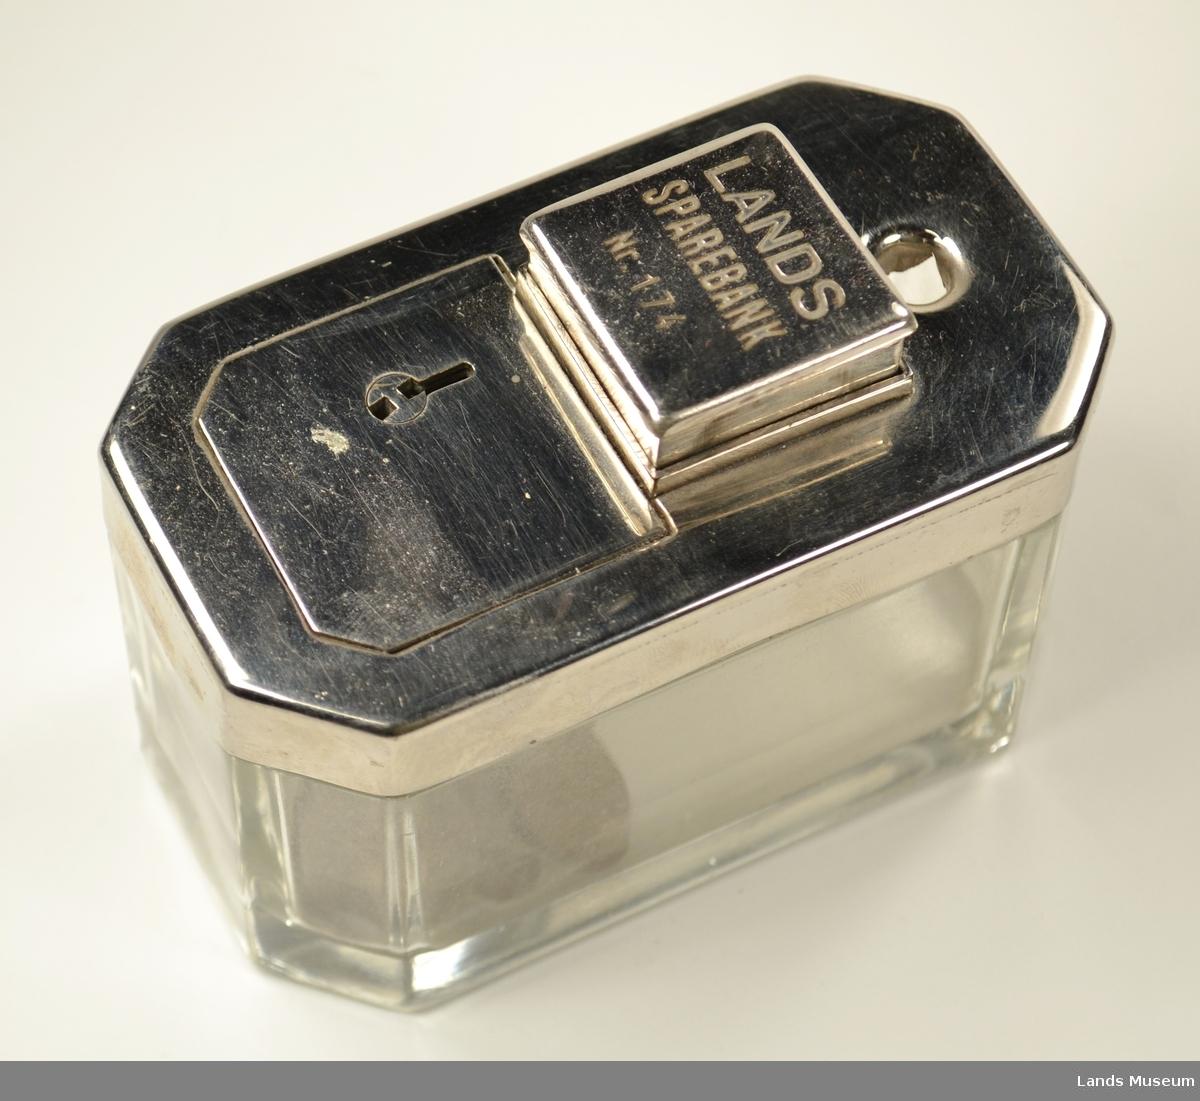 """8 kanta kiste i glass og metall. Låsbar opning på toppen. Hull for sedler. Mynter puttes inn i ein firkanta """"knapp"""". Når ein trykker ned knappen havne mynten ned i glassbeholderen"""